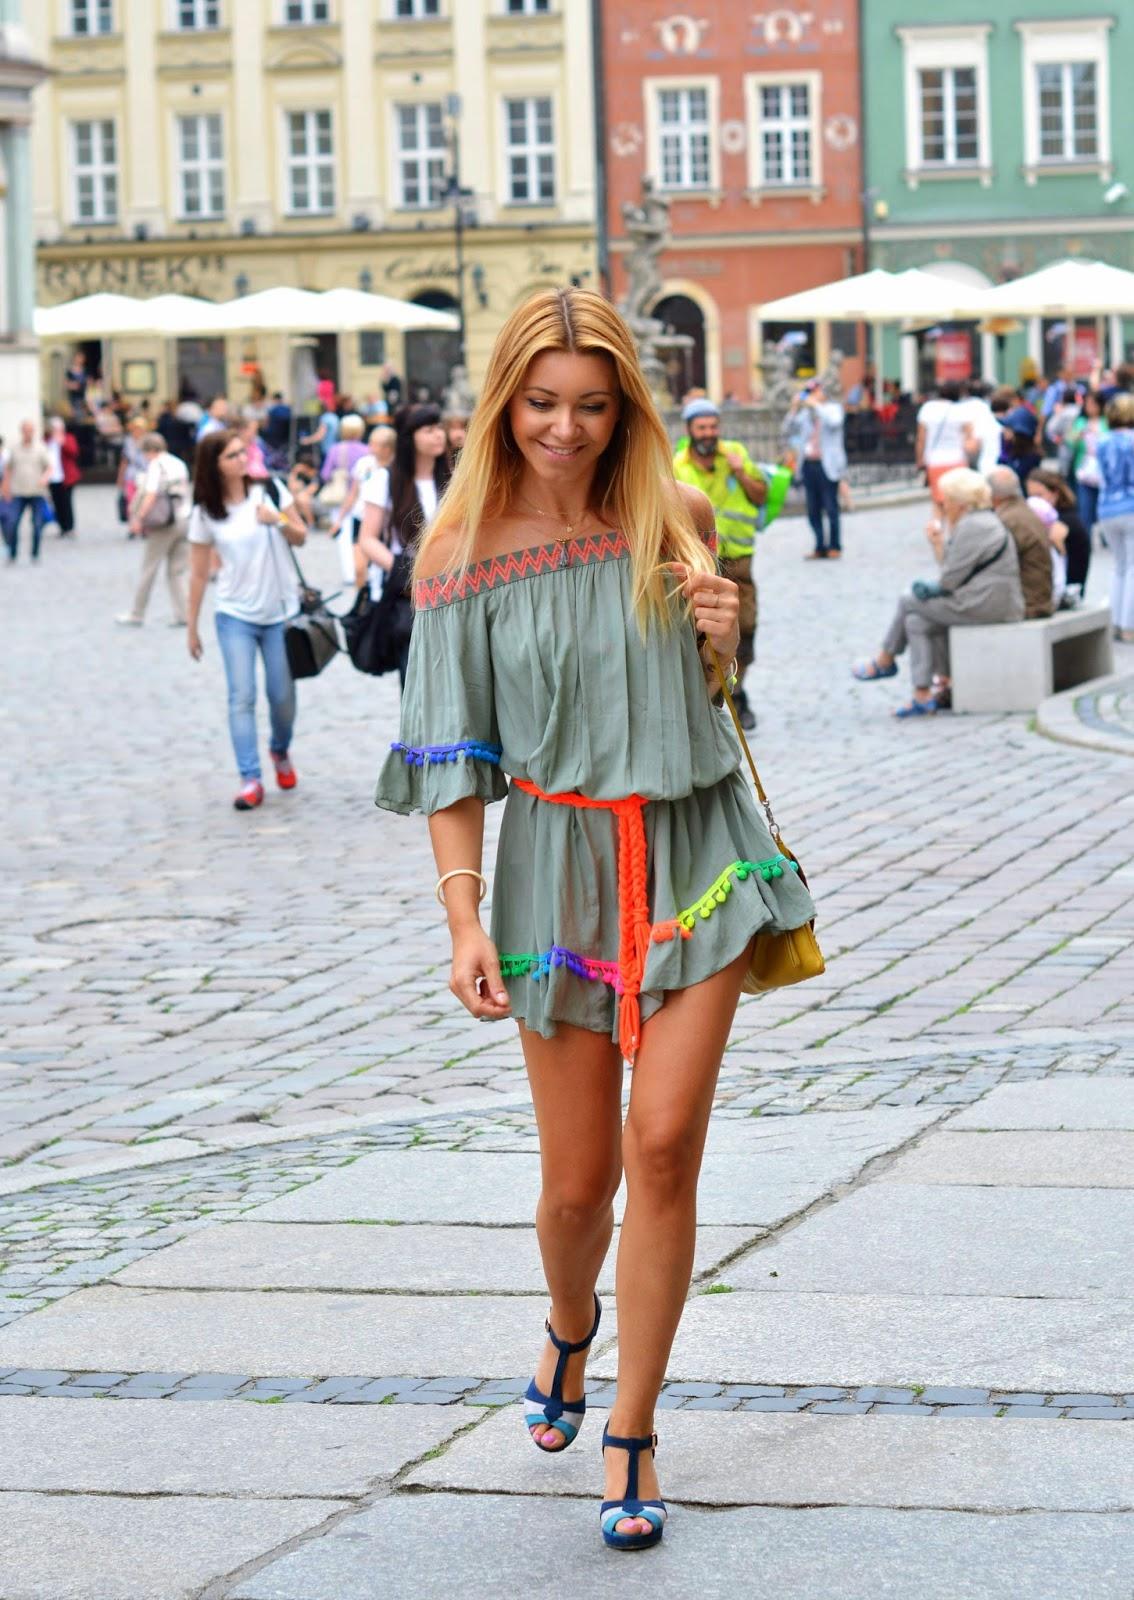 poznań, boho style, kolory, poznan, lato, blondynki, poznanianki, blog, styl